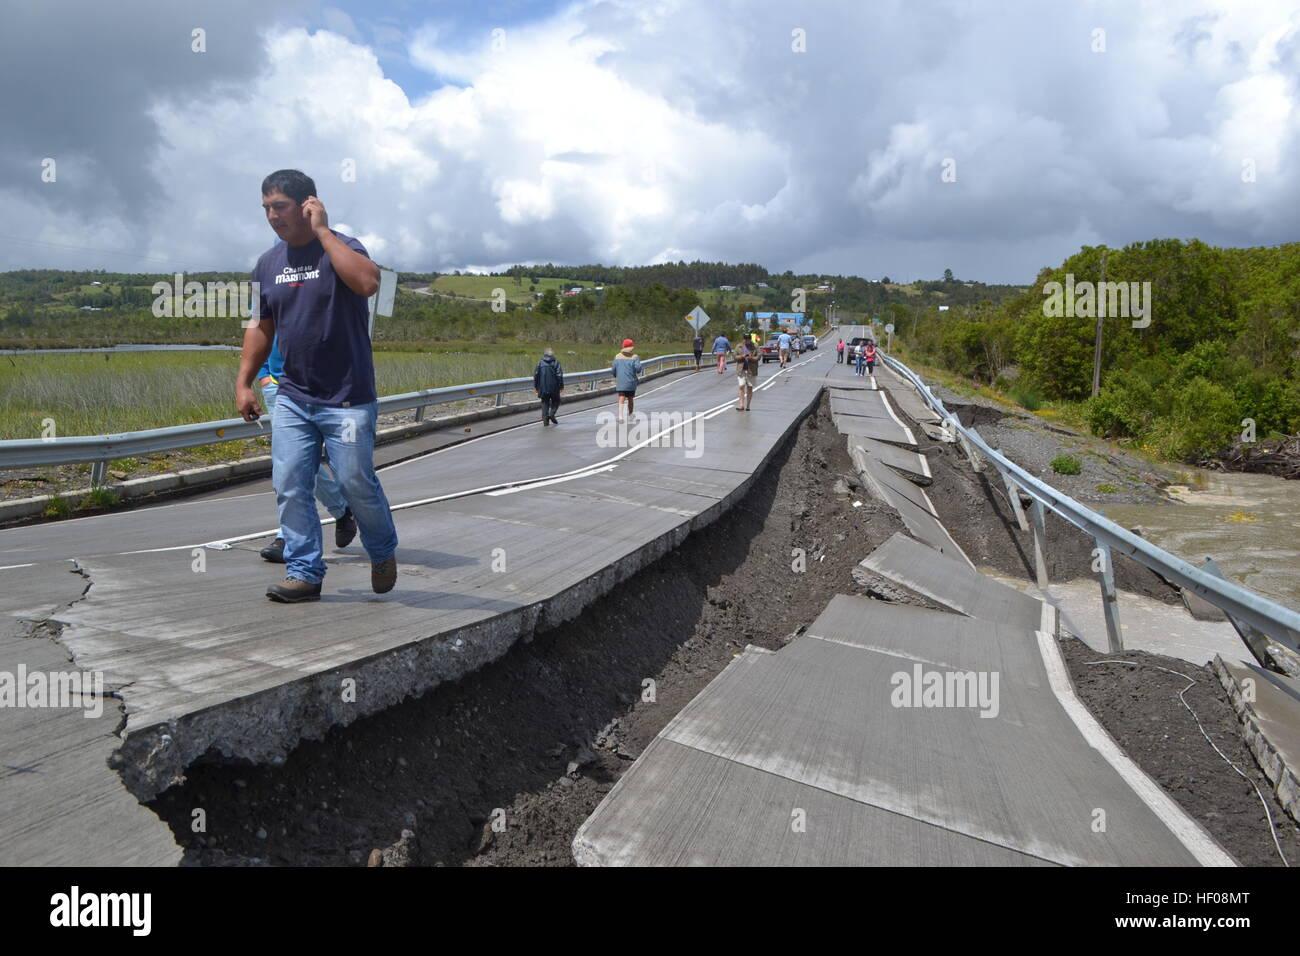 Province de Chiloé, Chili. 25 Décembre, 2016. Les gens marchent sur la route 5 après un tremblement Photo Stock